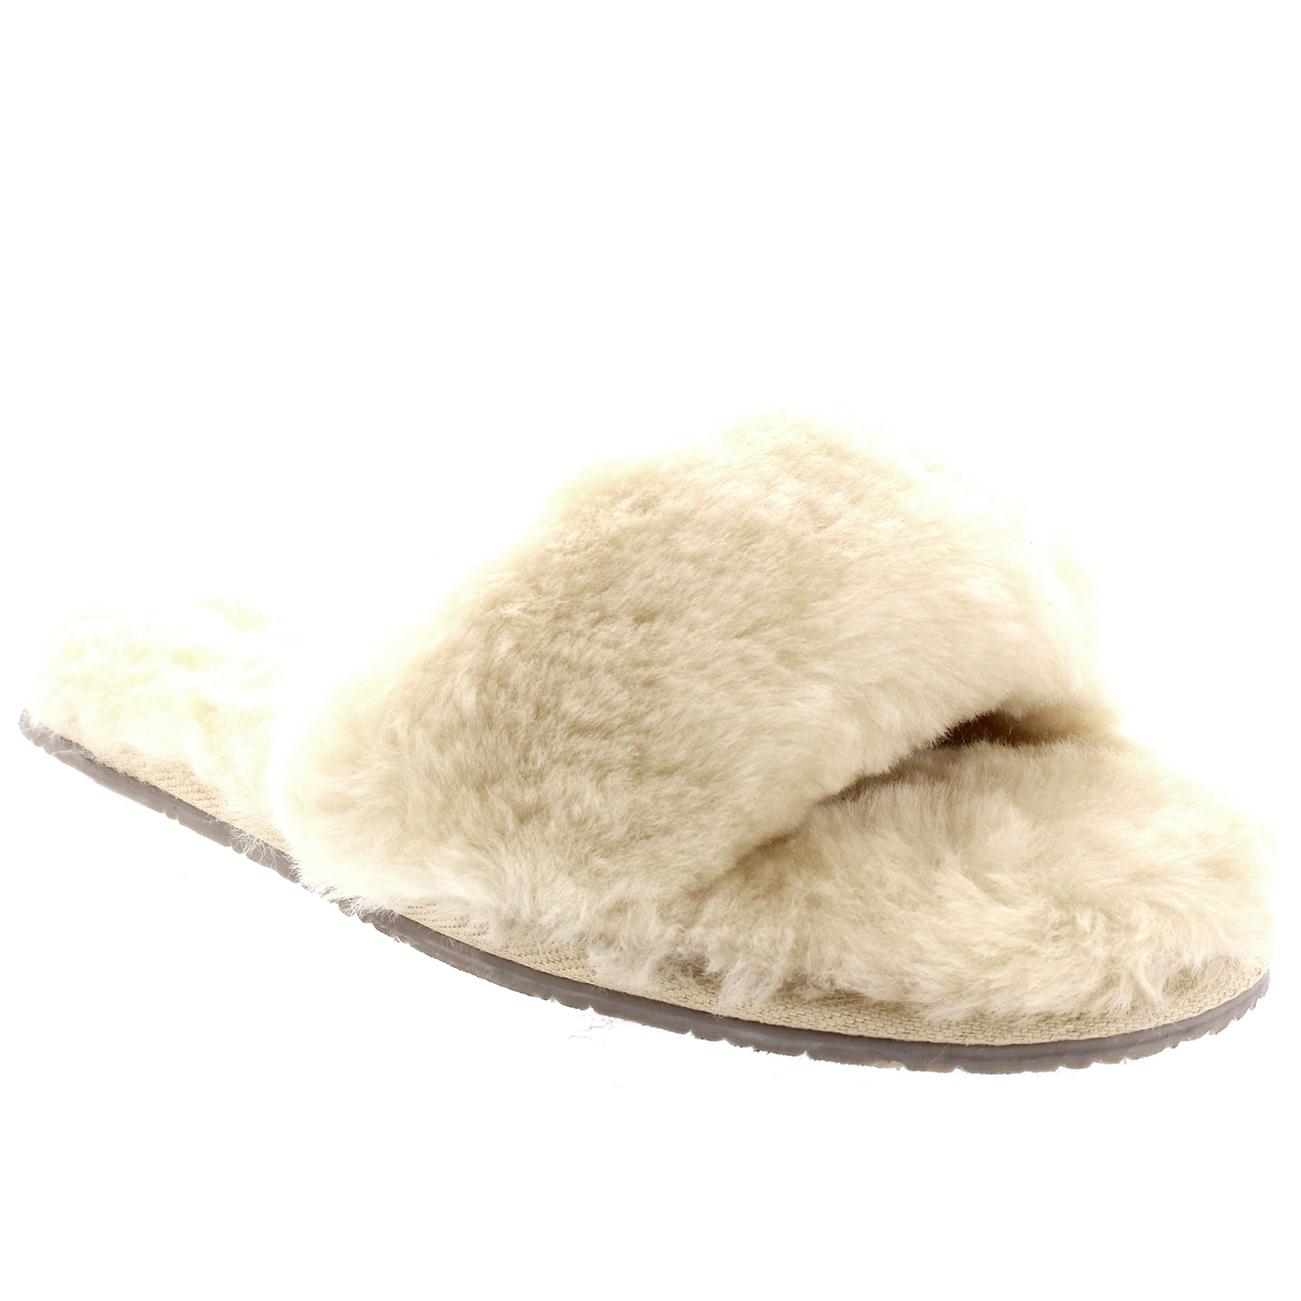 pour femme v ritable en peau de mouton australien mules bout ouvert fourrure luxe pantoufles uk. Black Bedroom Furniture Sets. Home Design Ideas